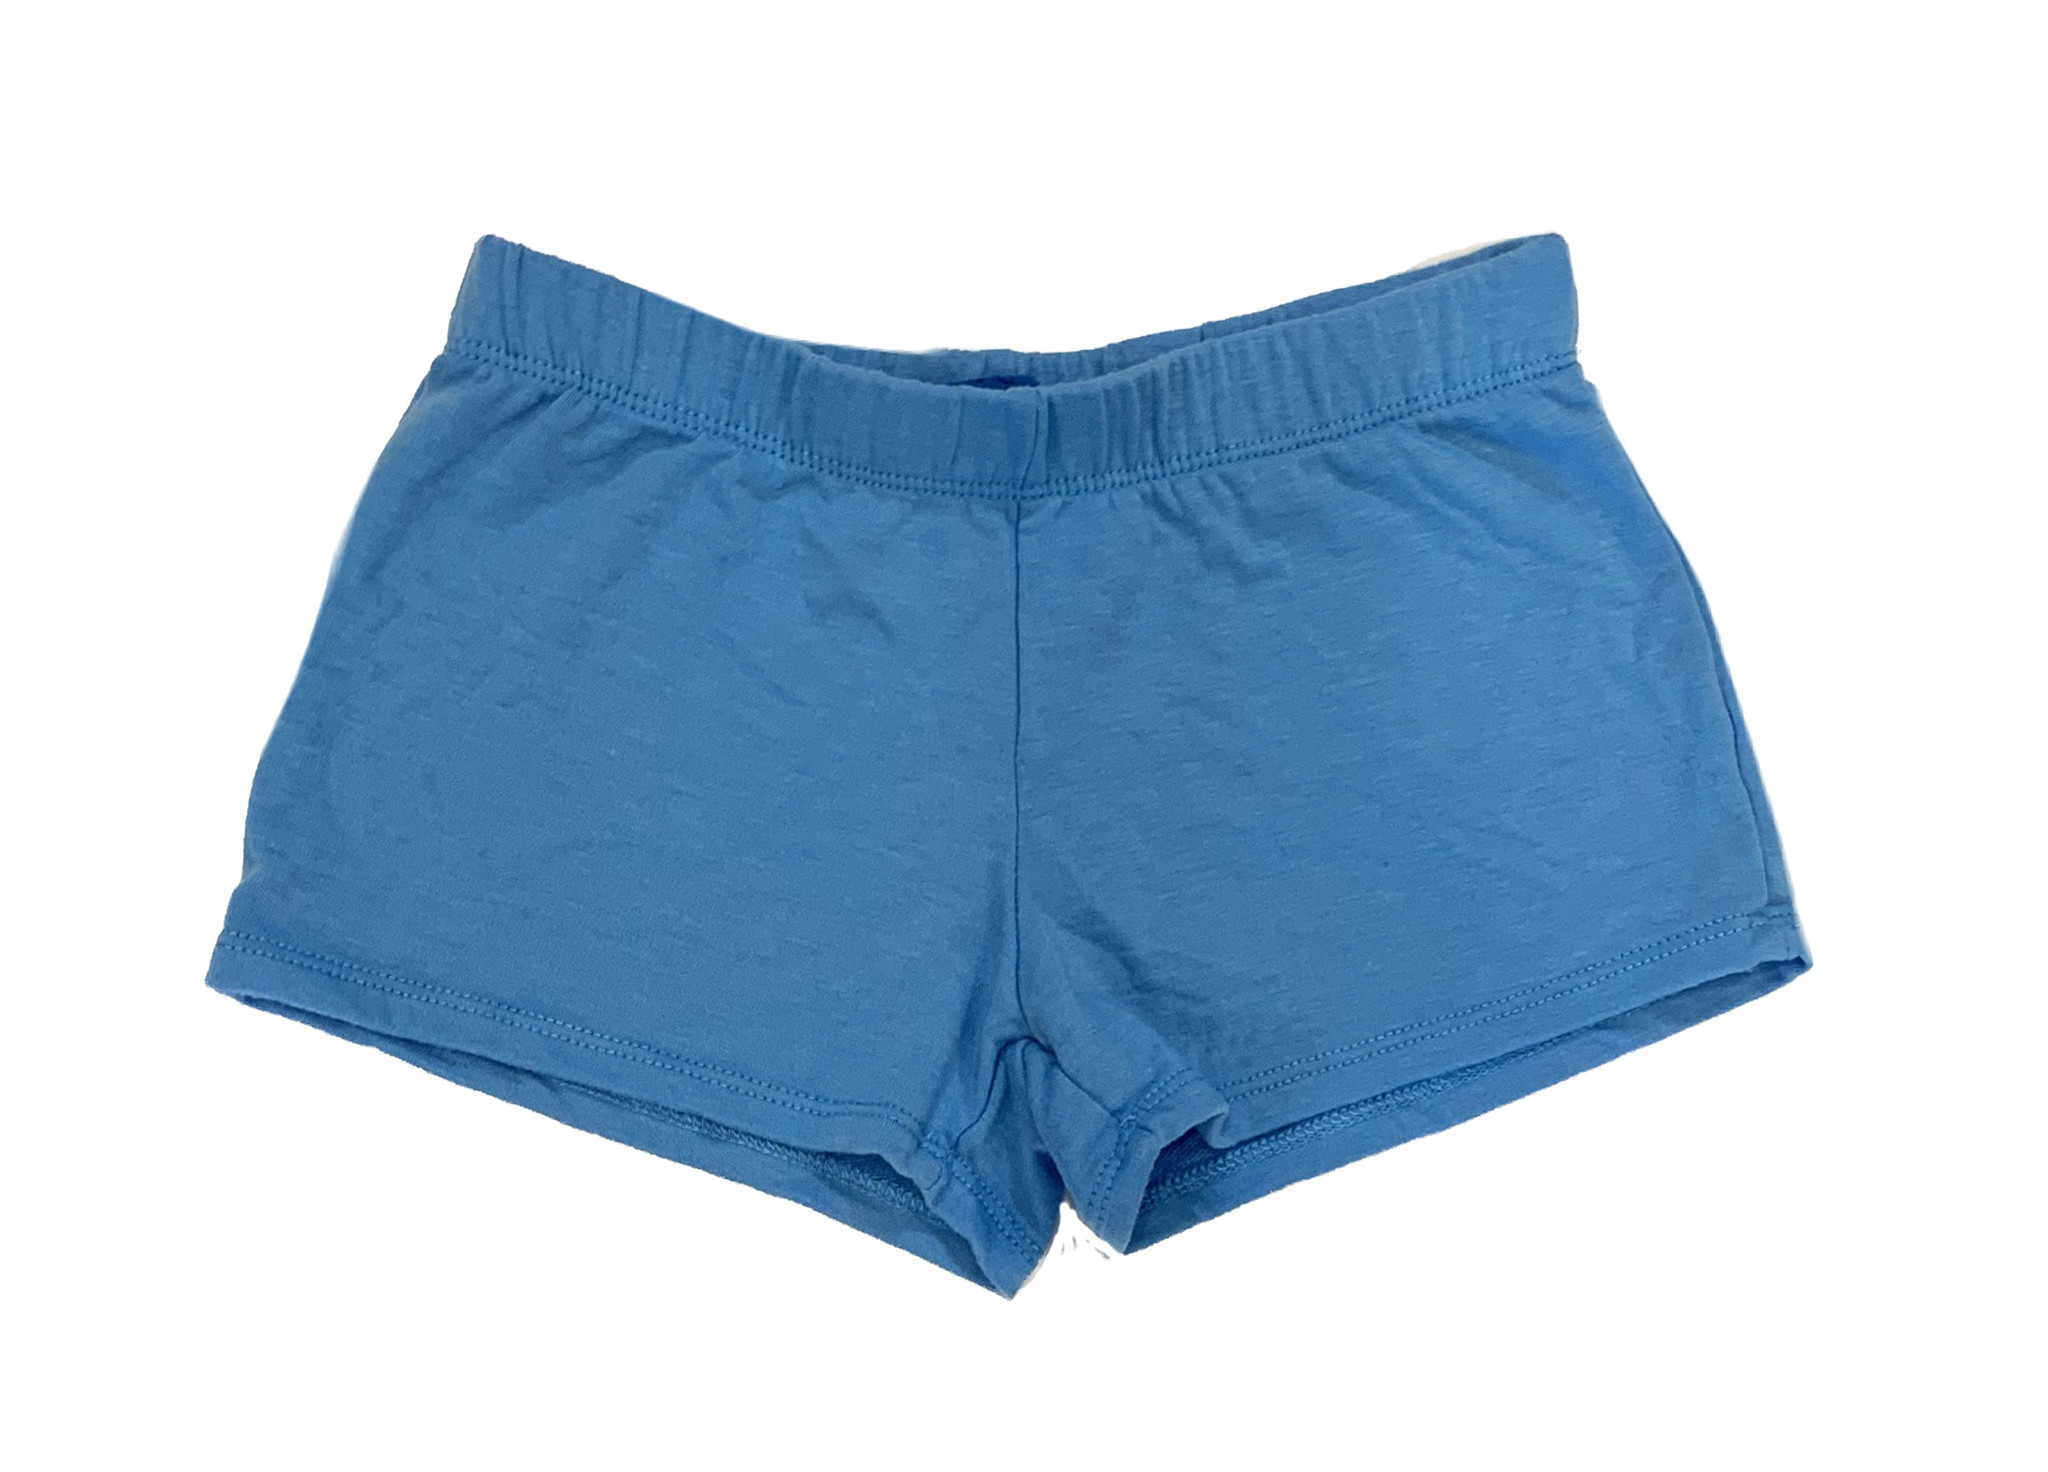 Firehouse Turquoise Sweat Shorts